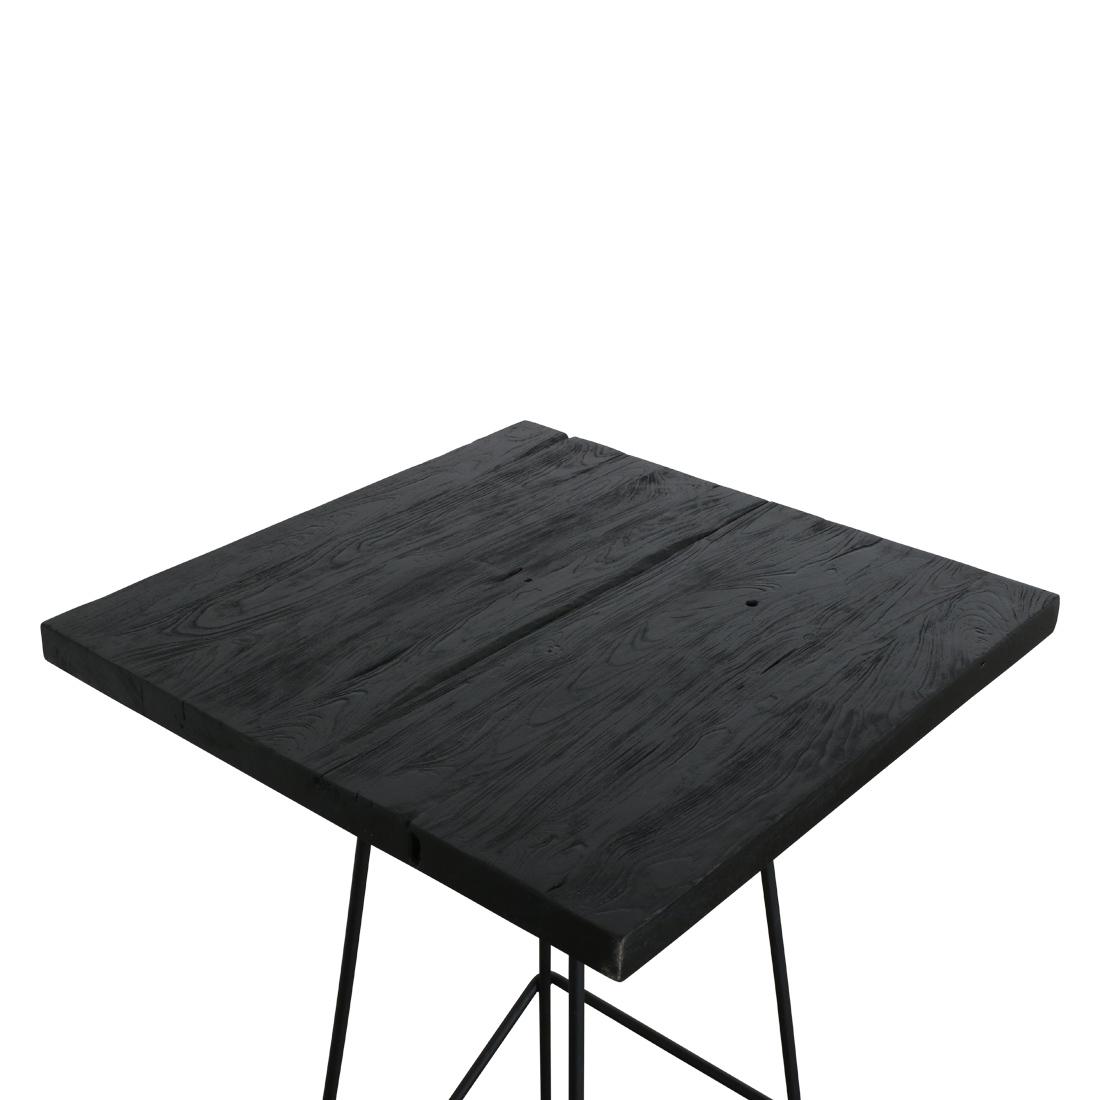 Bartisch Loft Style Mit Altholz Tischplatte Black Edition